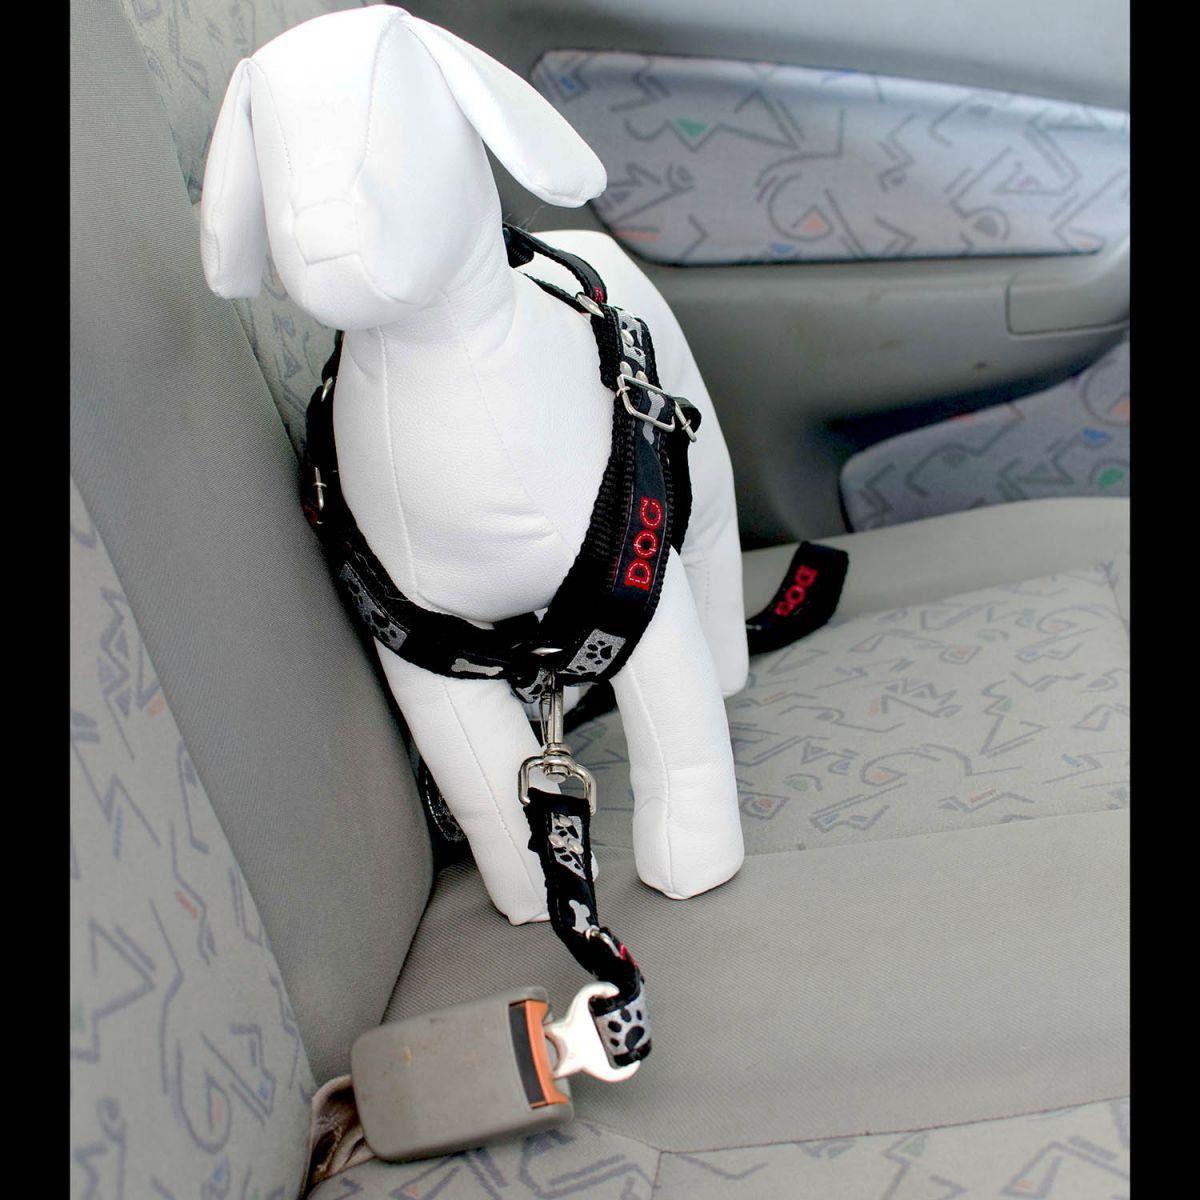 Coleira Peitoral Cachorro E Adaptador Cinto Segurança Tamanho P - Cor Preta